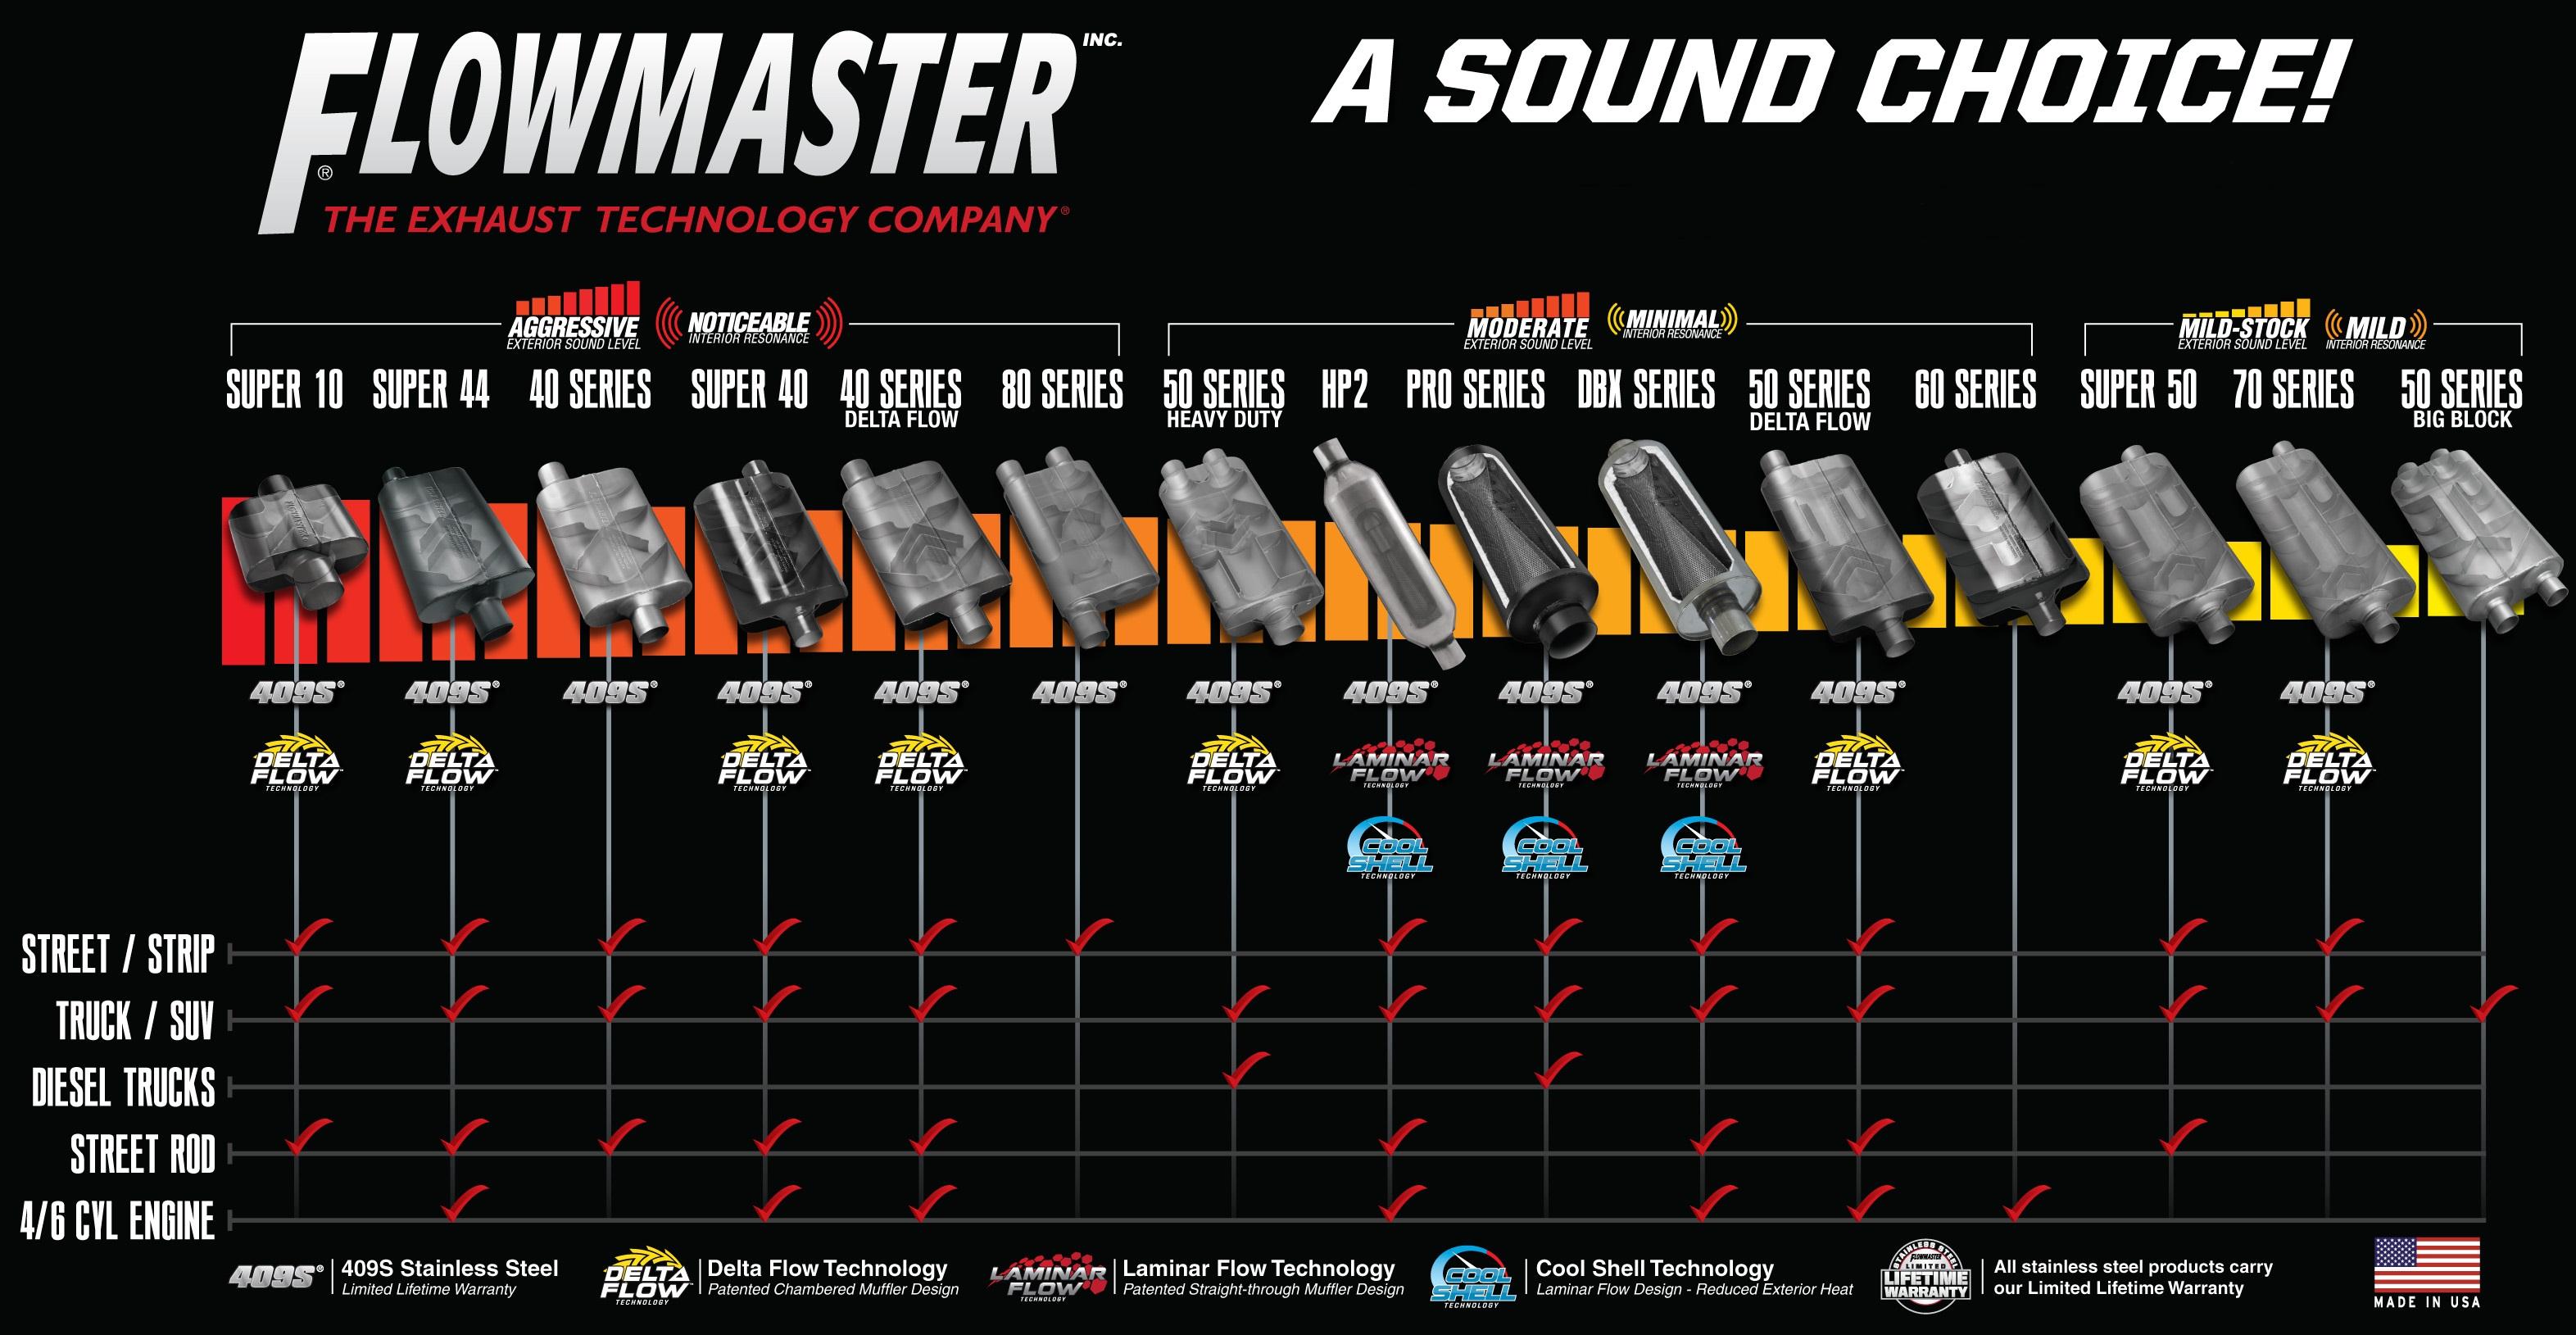 Flowmaster sound chart